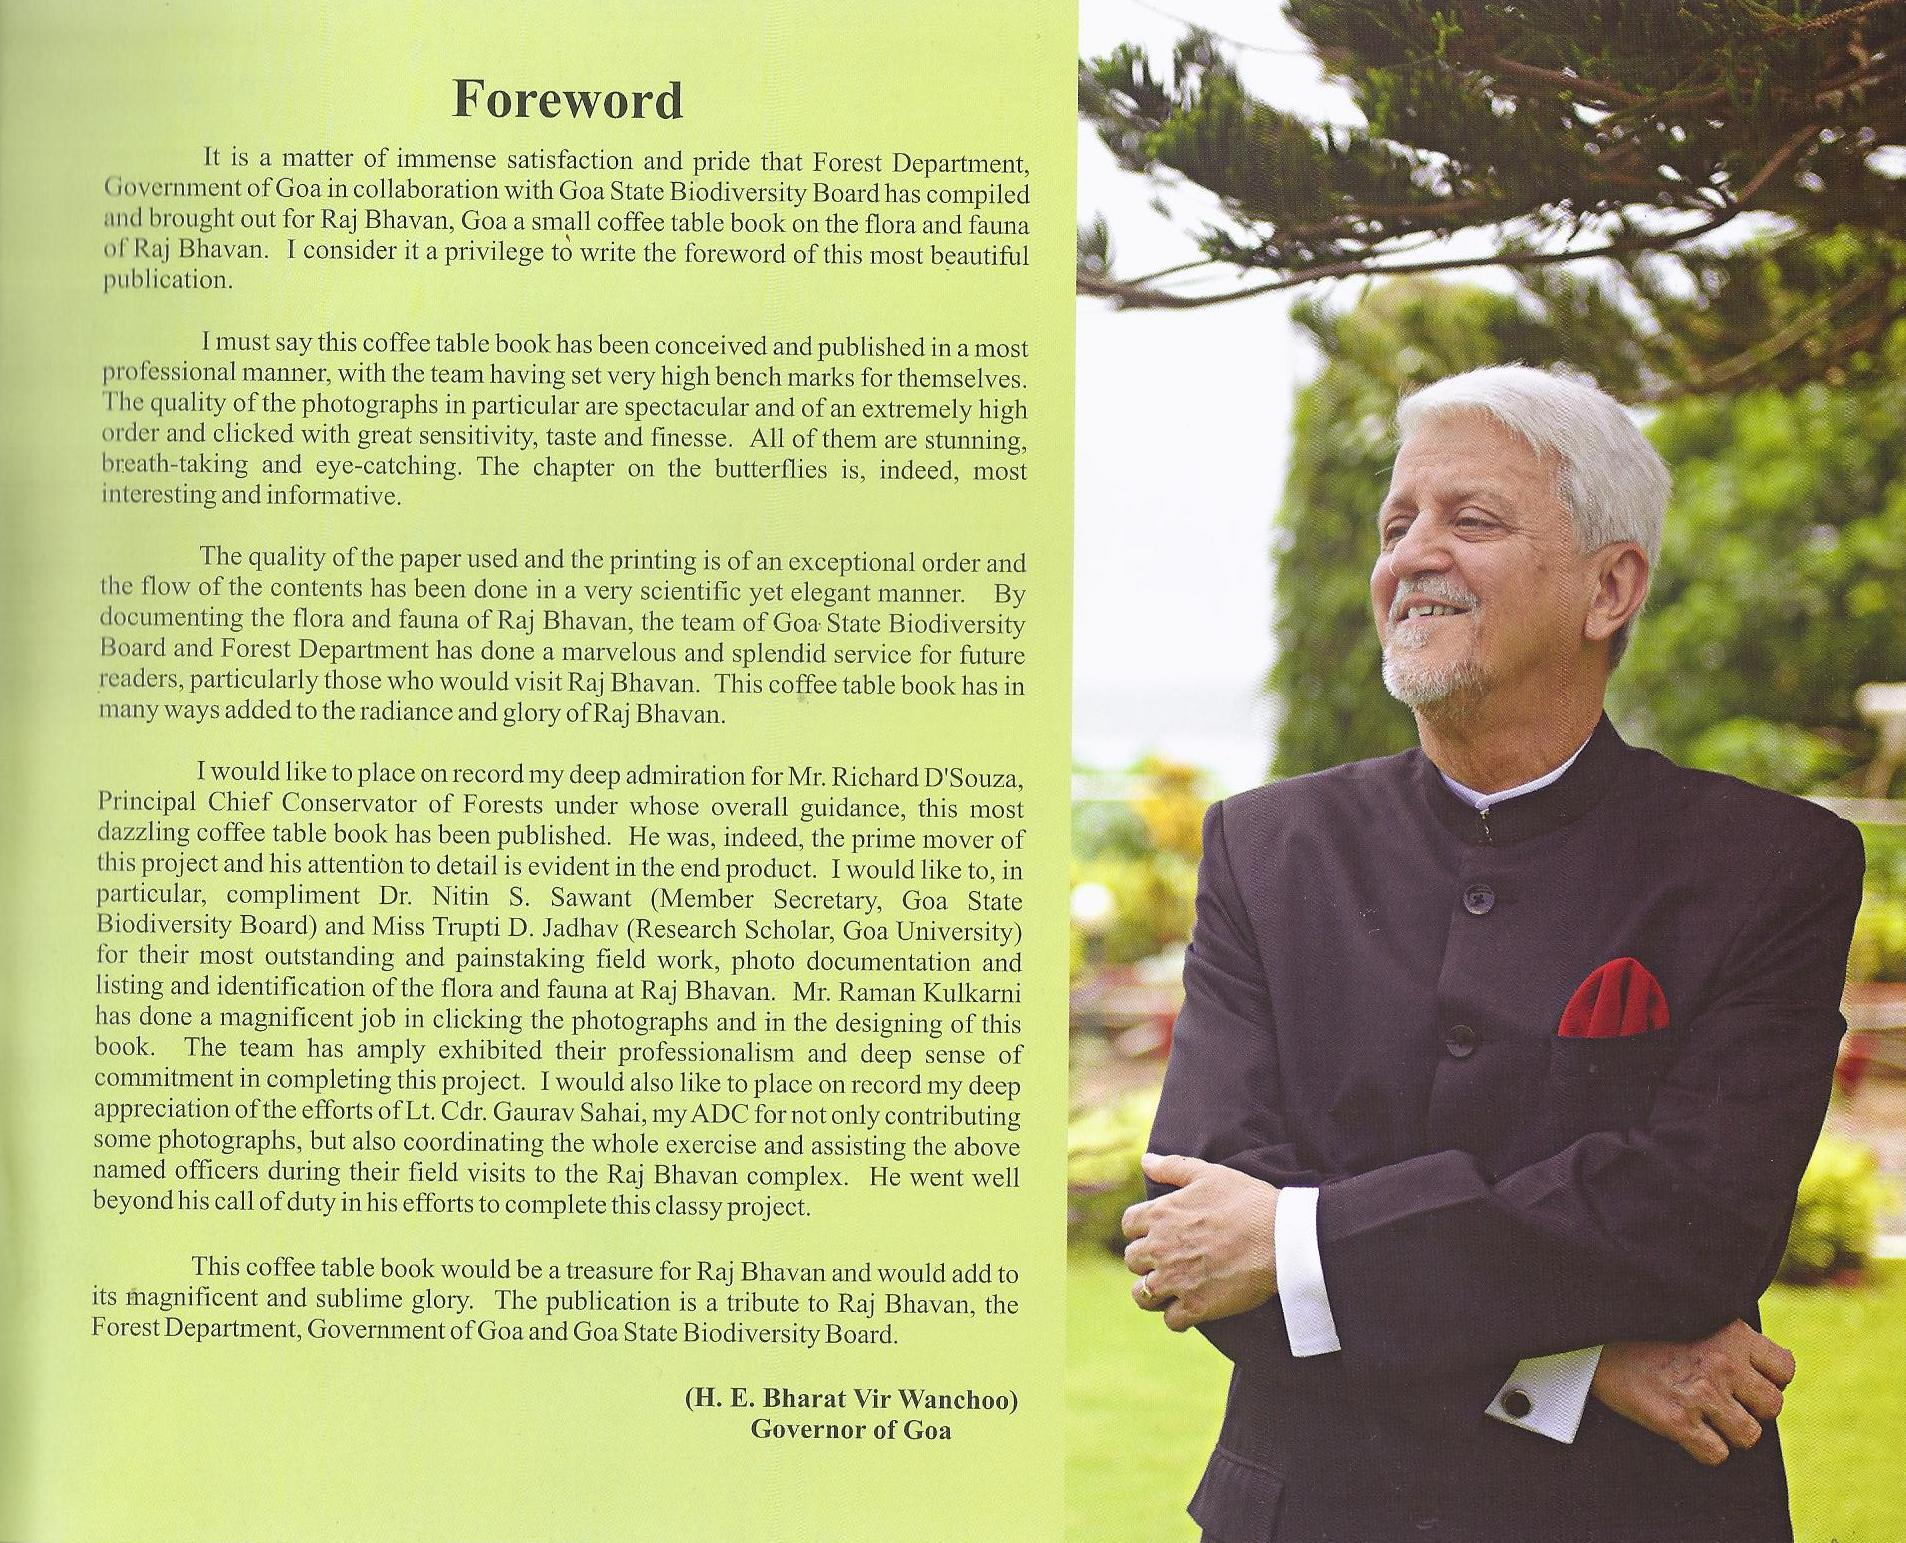 Rajbhavan book foreword